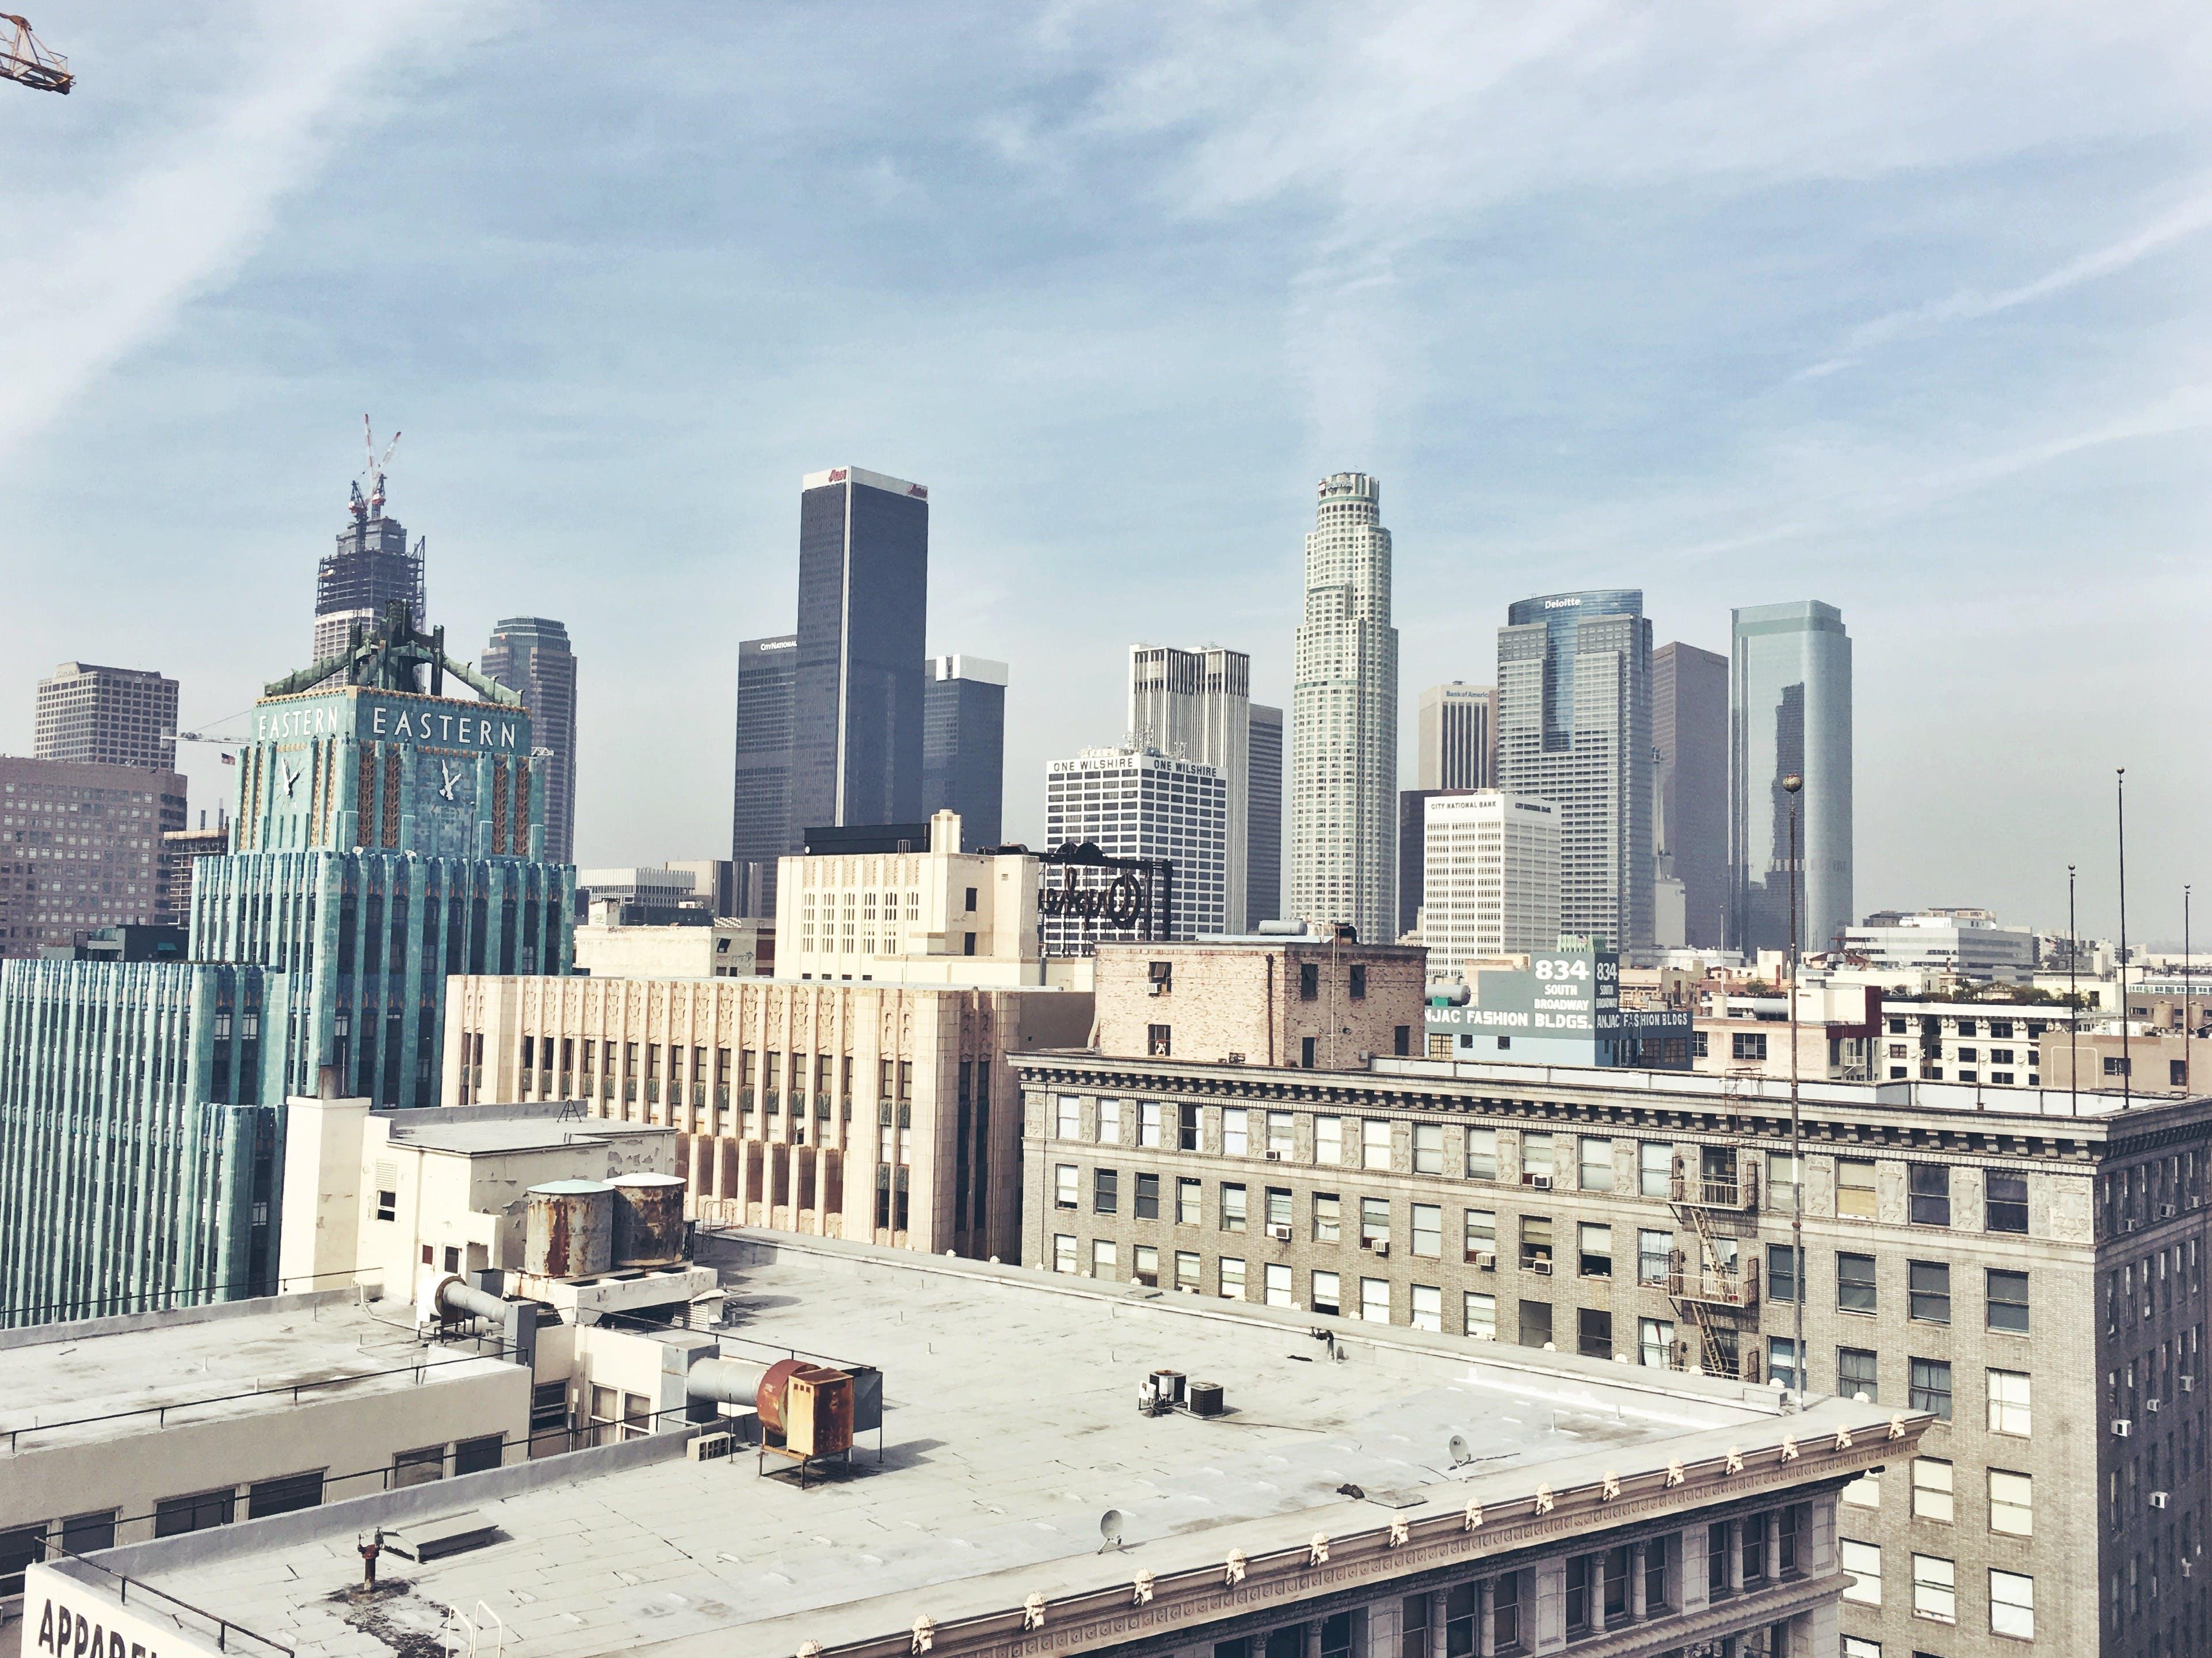 ánh sáng ban ngày, các tòa nhà, cảnh quan thành phố